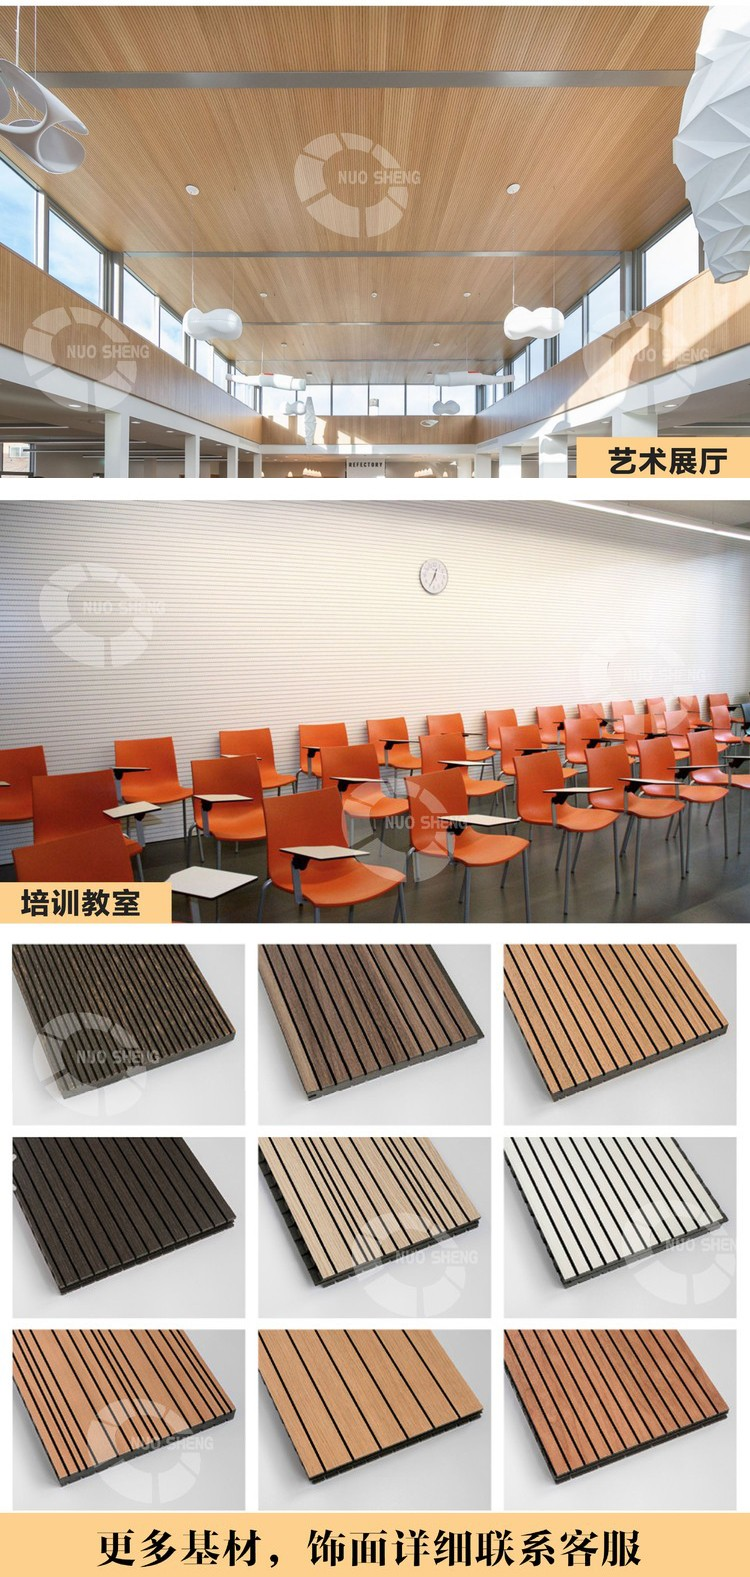 教室槽木吸音板基材展示-4